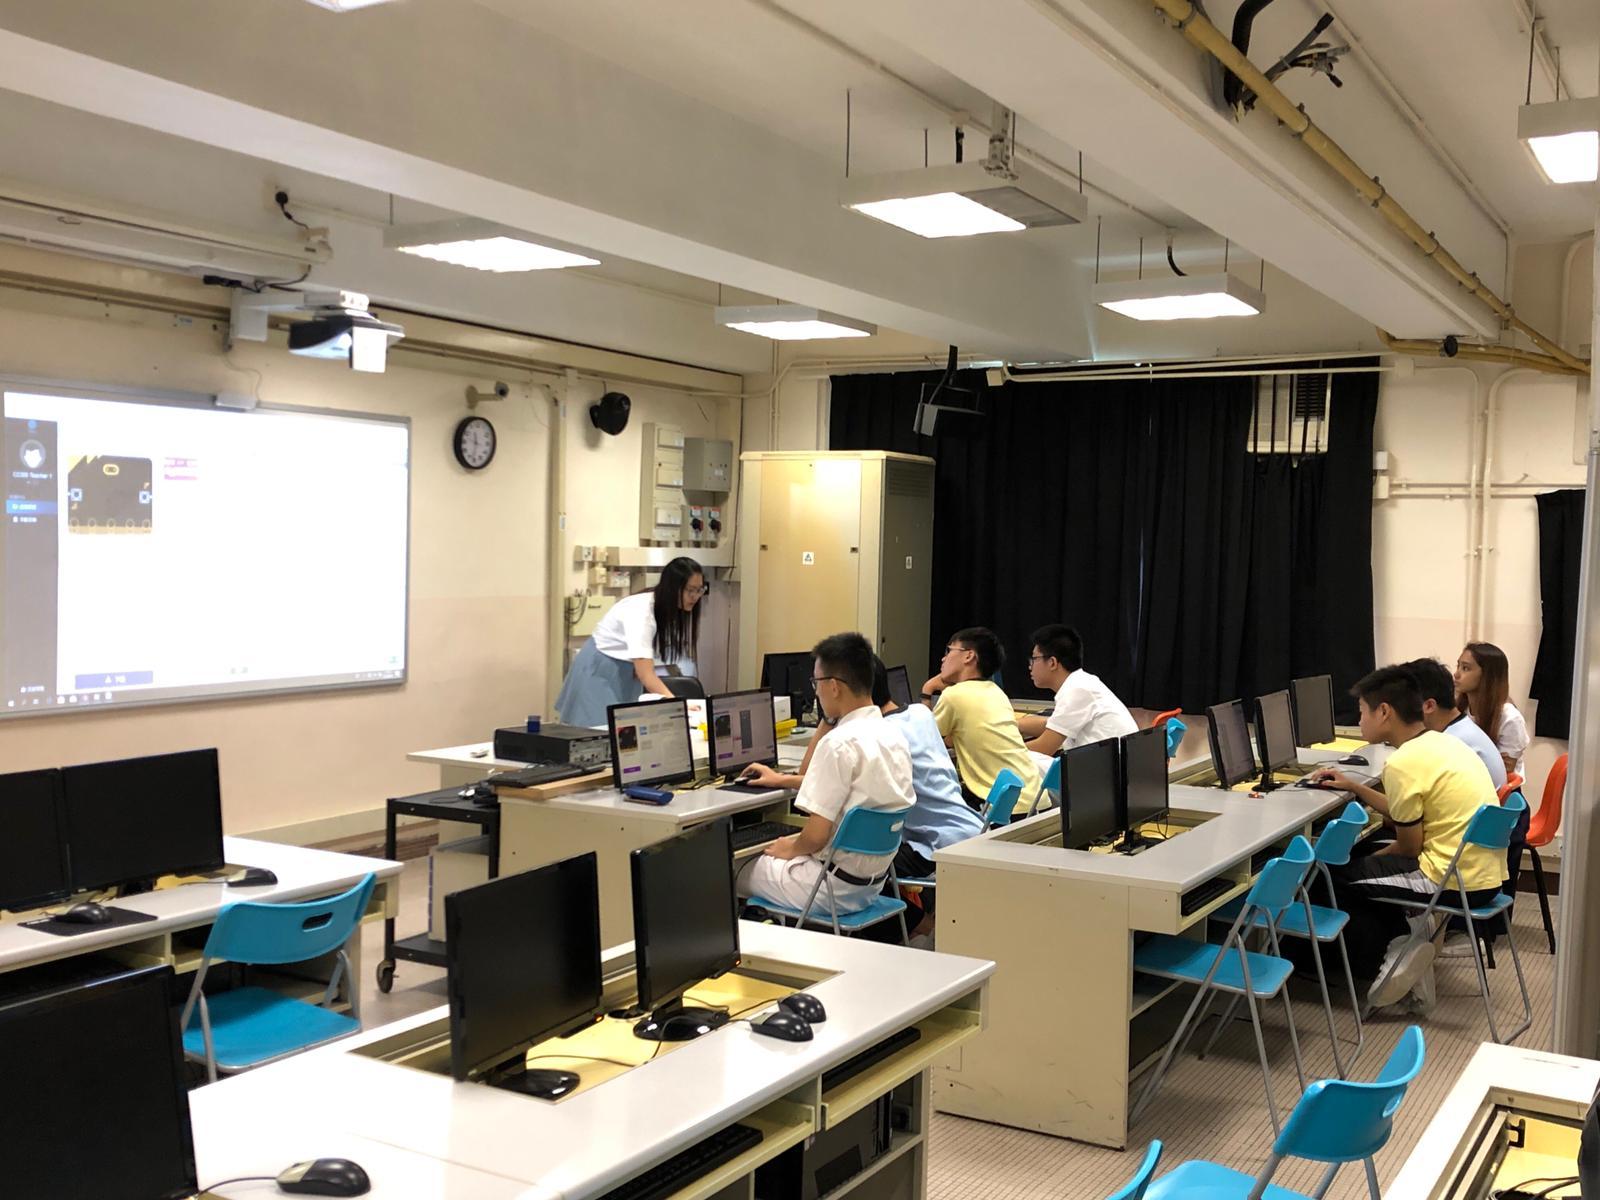 MagiCube Una student training